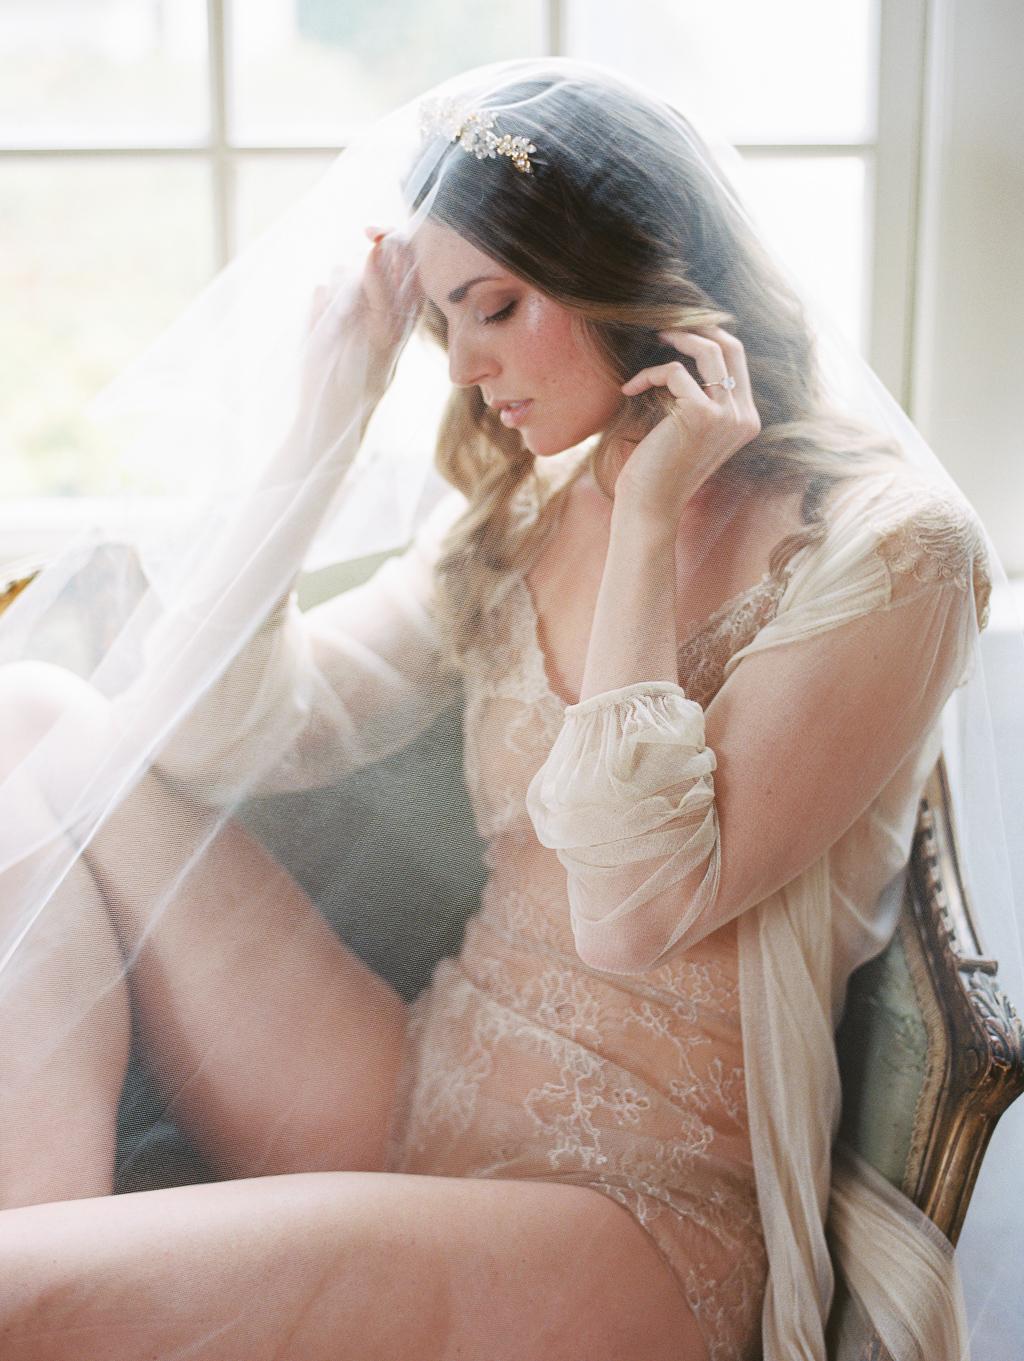 washington-dc-boudoir-photographer-michelle-whitley